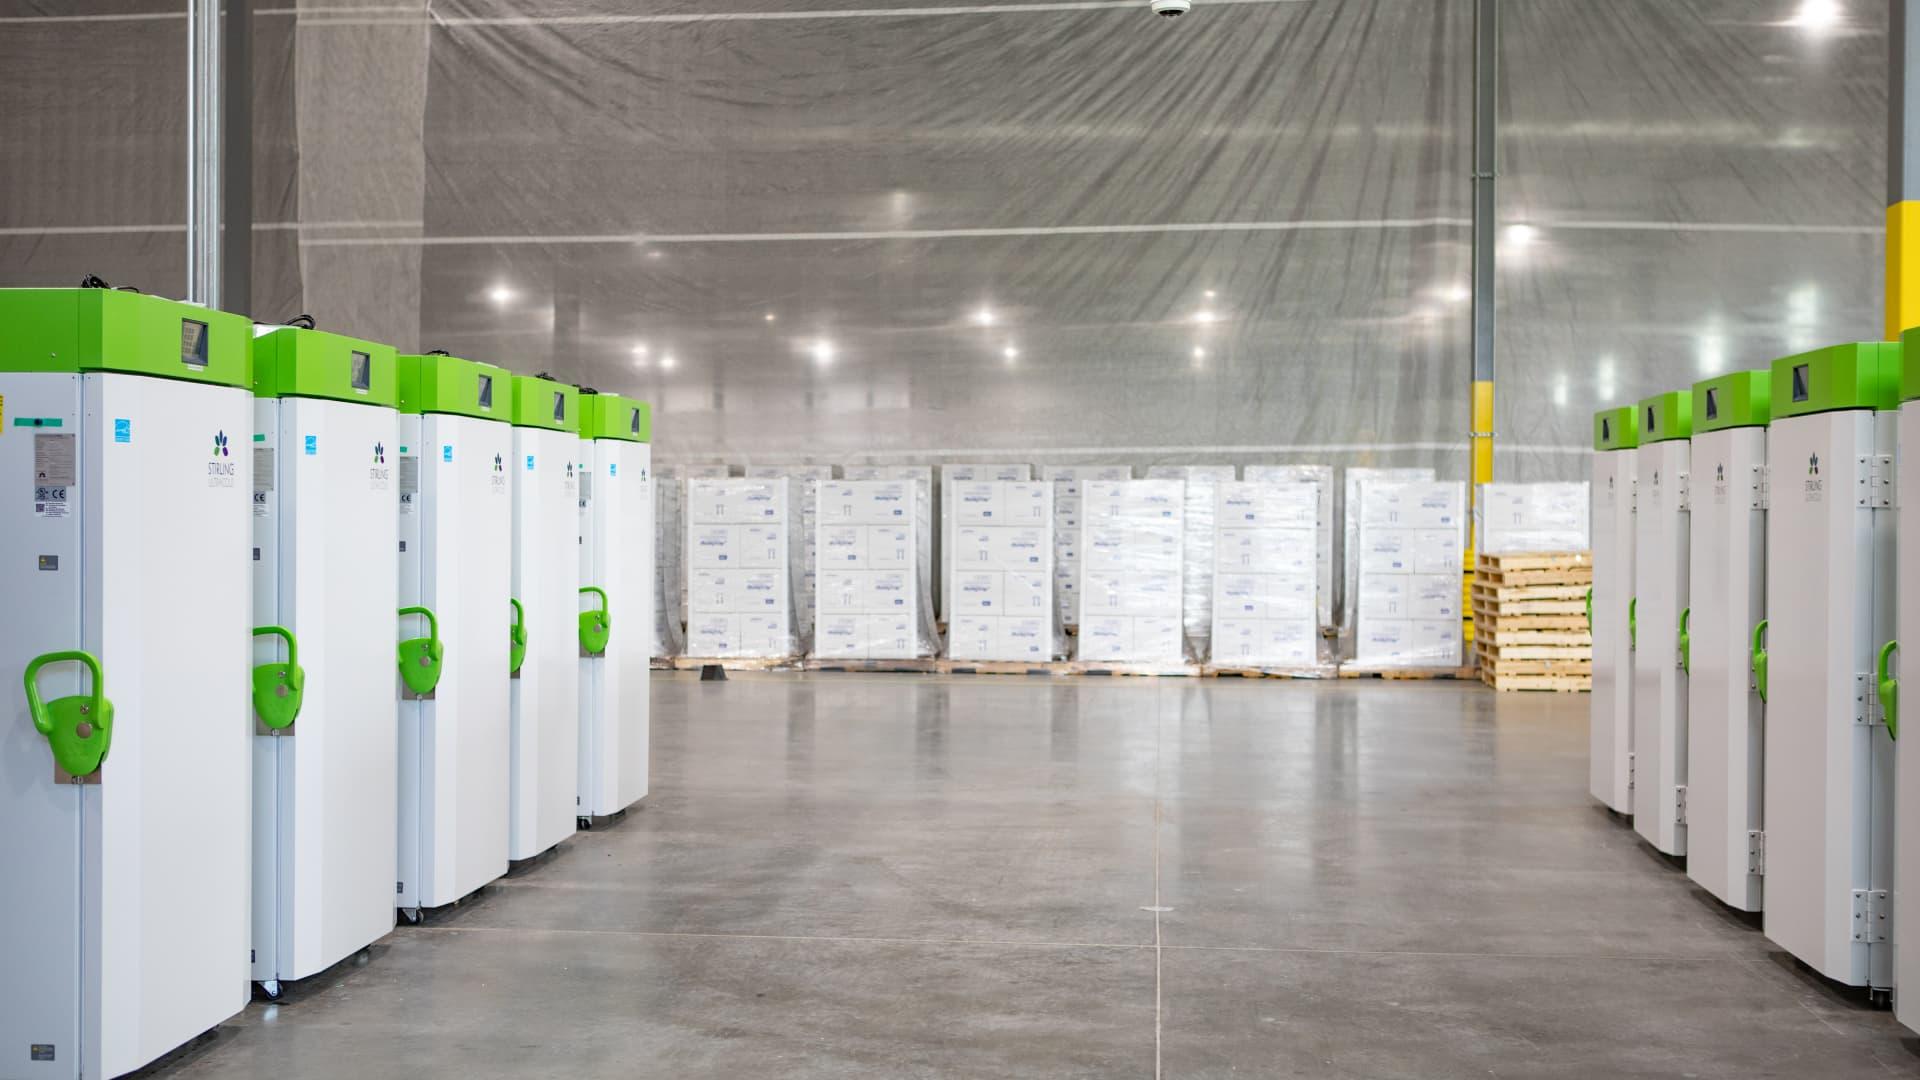 UPS freezer farm in Louisville, Kentucky